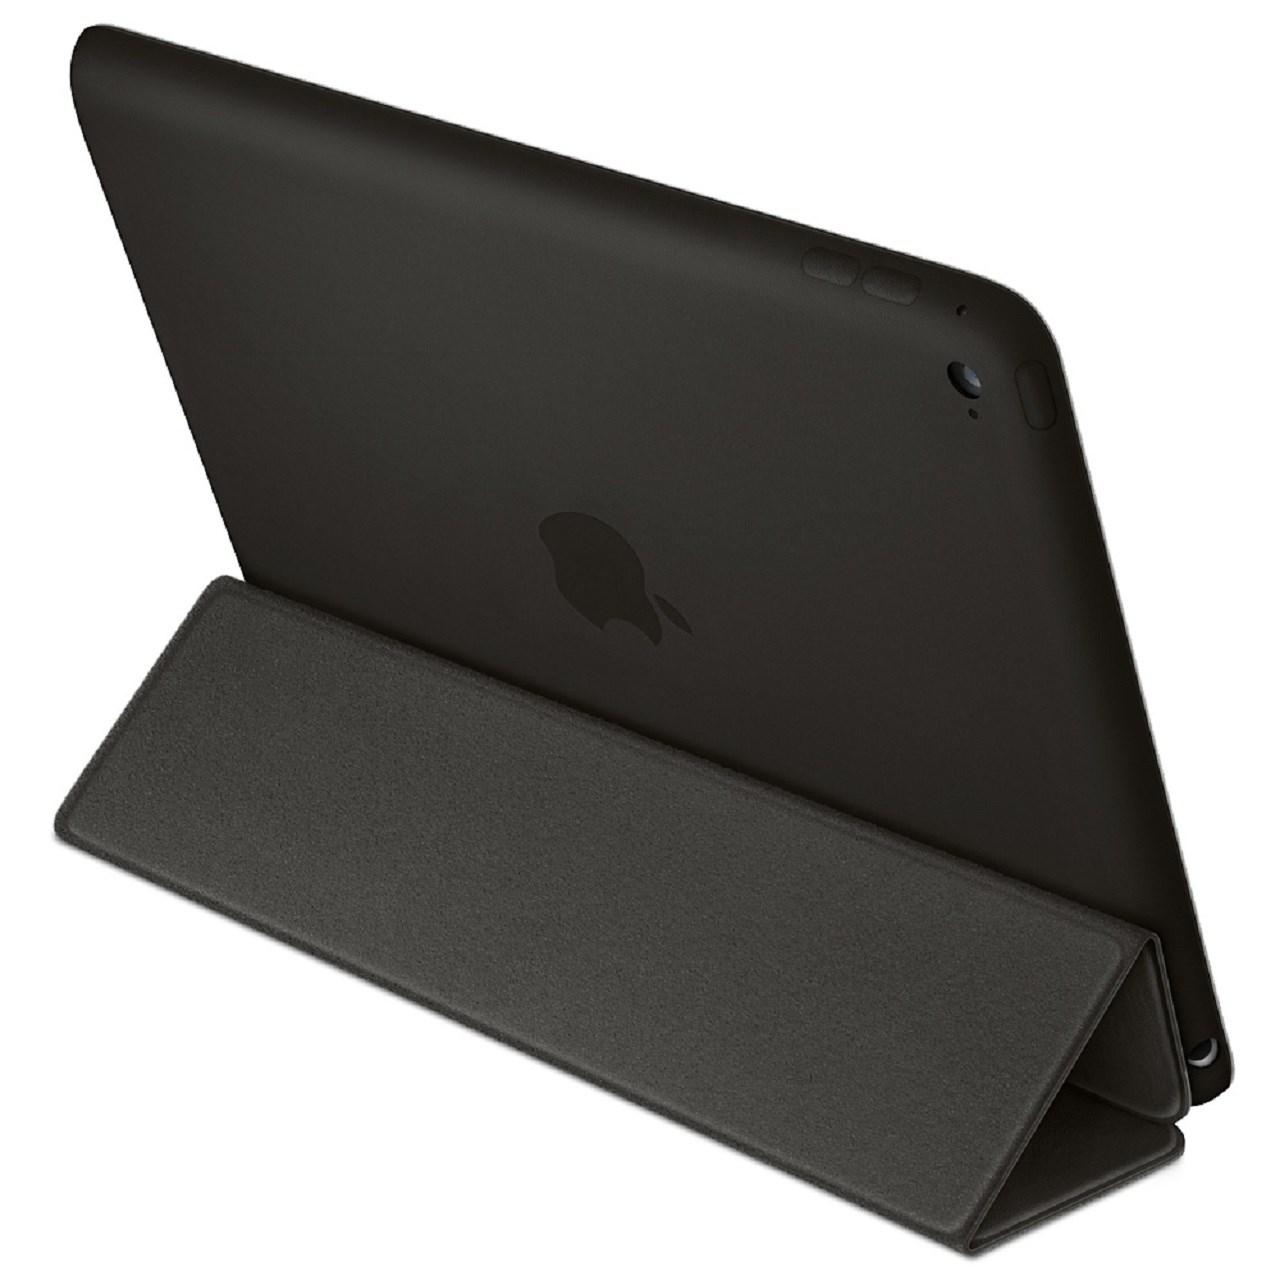 کیف کلاسوری چرمی مدل Smart Case مناسب برای تبلت اپل آیپد Air 2